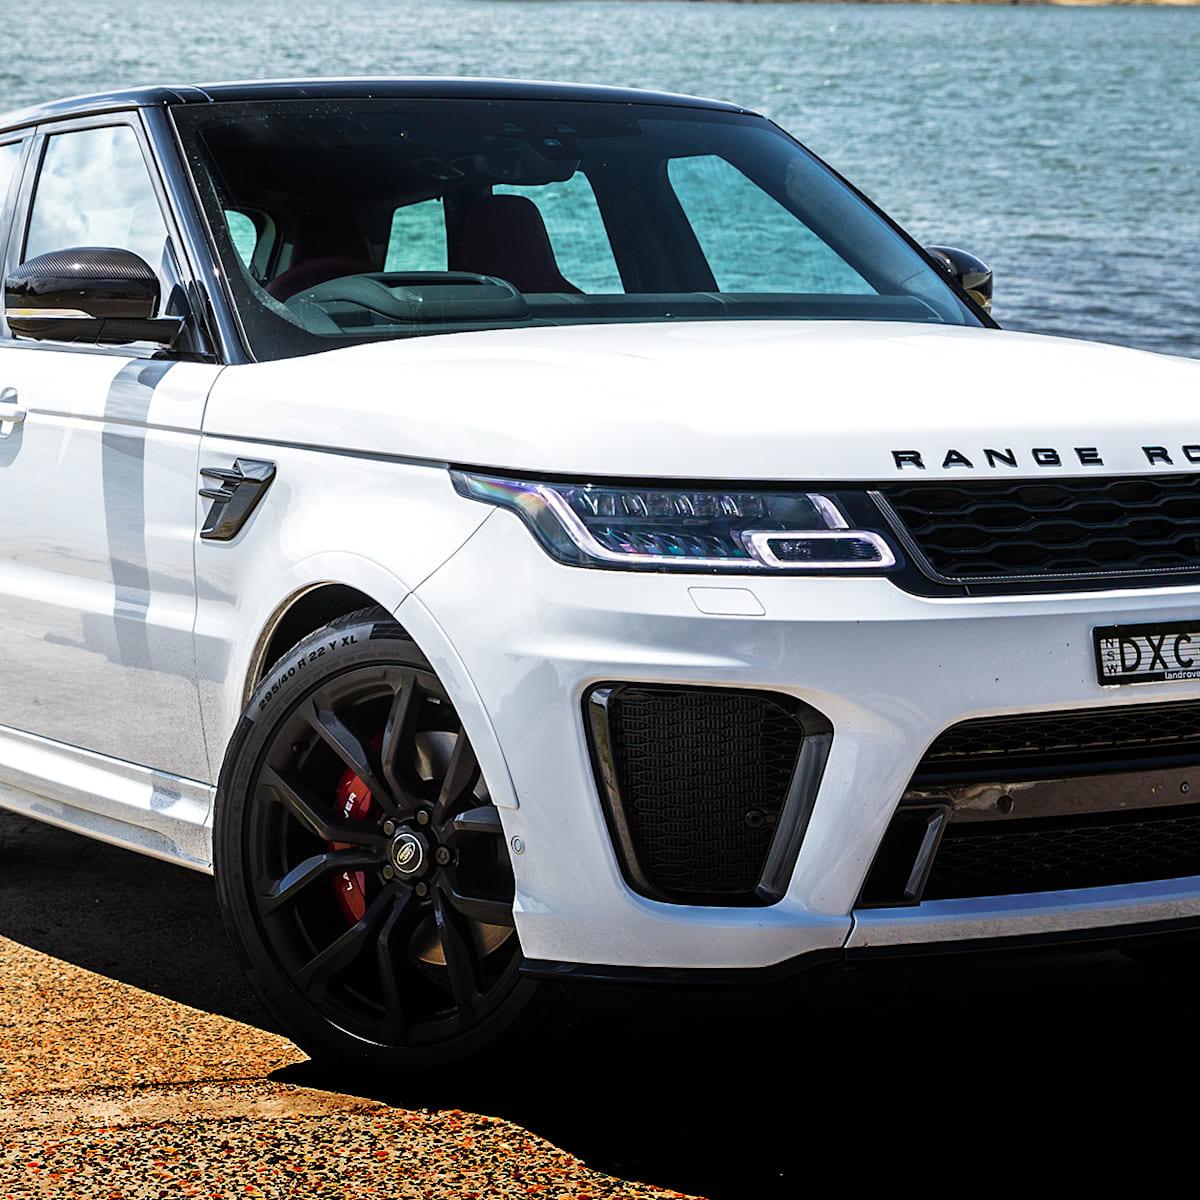 Range Rover Svr Price >> 2019 Range Rover Sport Svr Review Caradvice